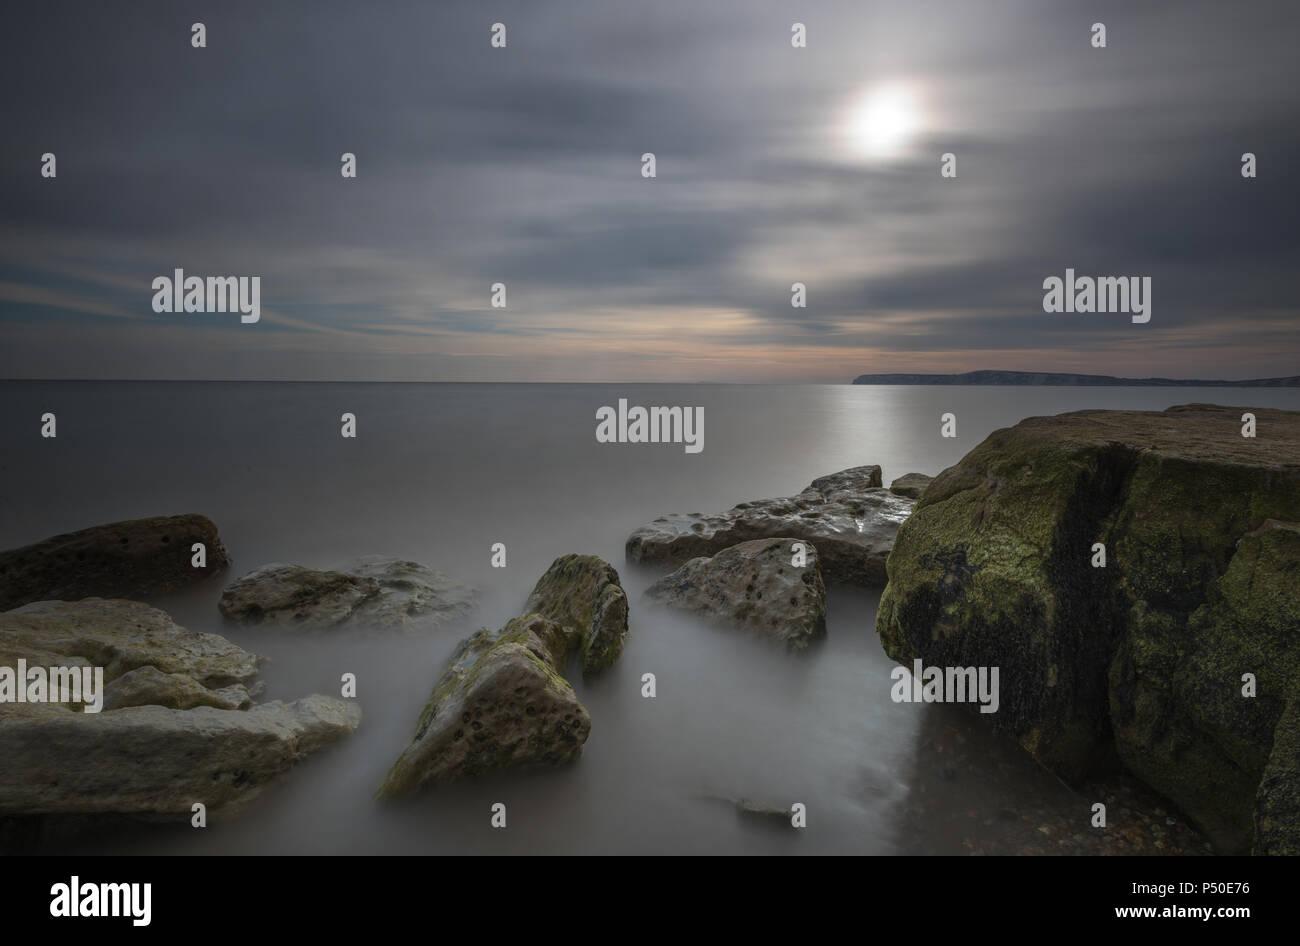 Una bella e atmosferica Isle of Wight seascape o il tramonto sul mare di compton bay nei pressi della baia di acqua dolce. Immagini Stock